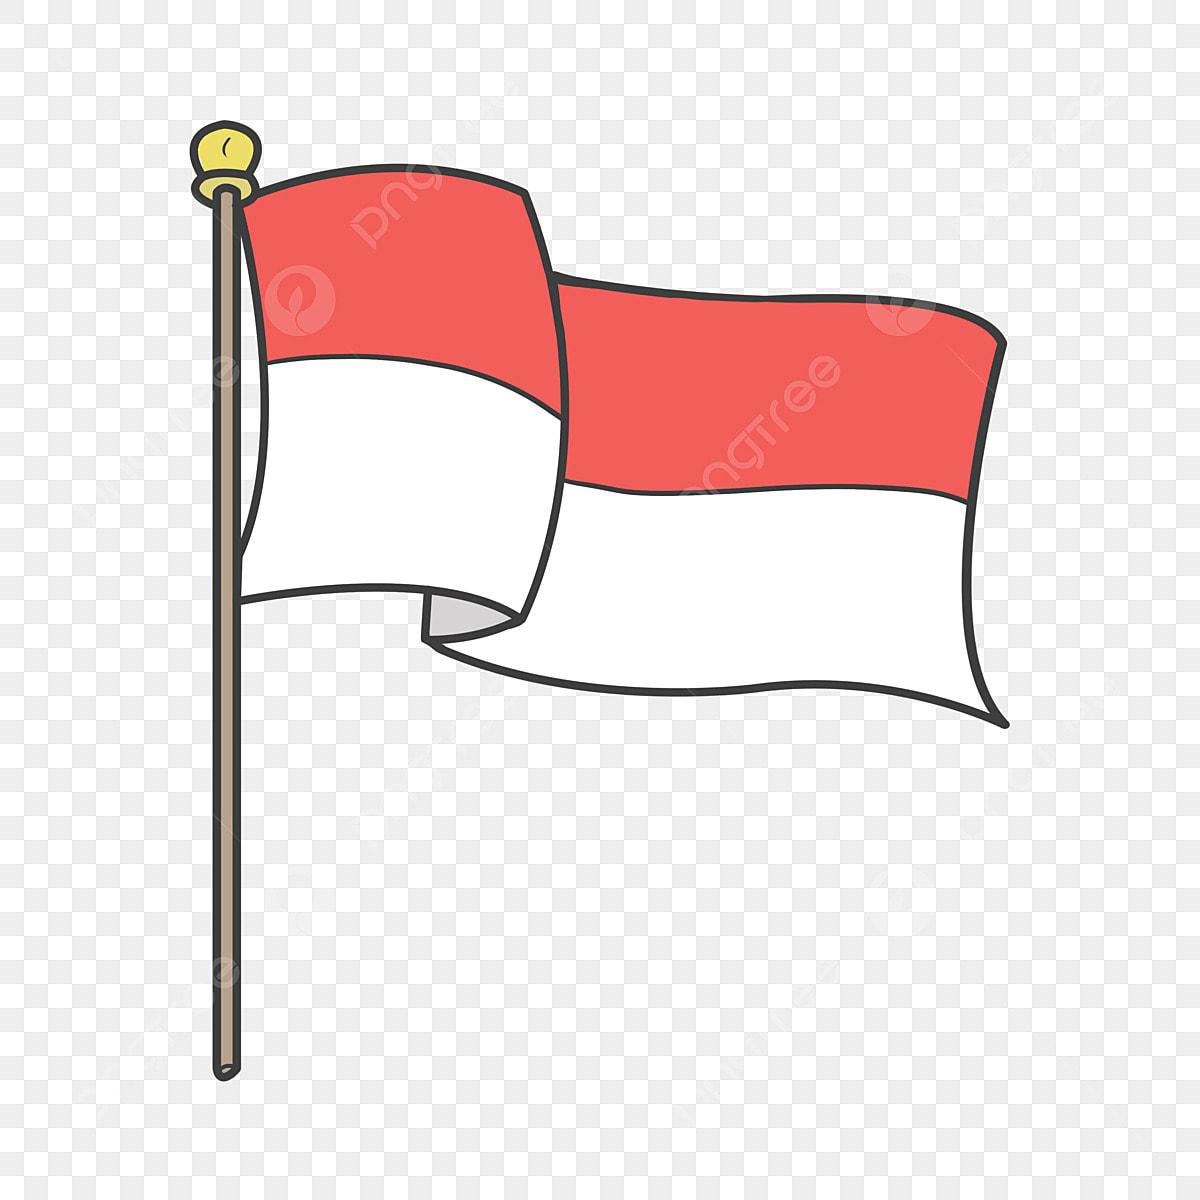 Gambar Bendera Maghribi Bendera Dengan Warna Merah Spanduk Bendera Dengan Warna Merah Dan Putih Bendera Maghribi Bendera Bendera Dengan Warna Merah Png Dan Psd Untuk Muat Turun Percuma